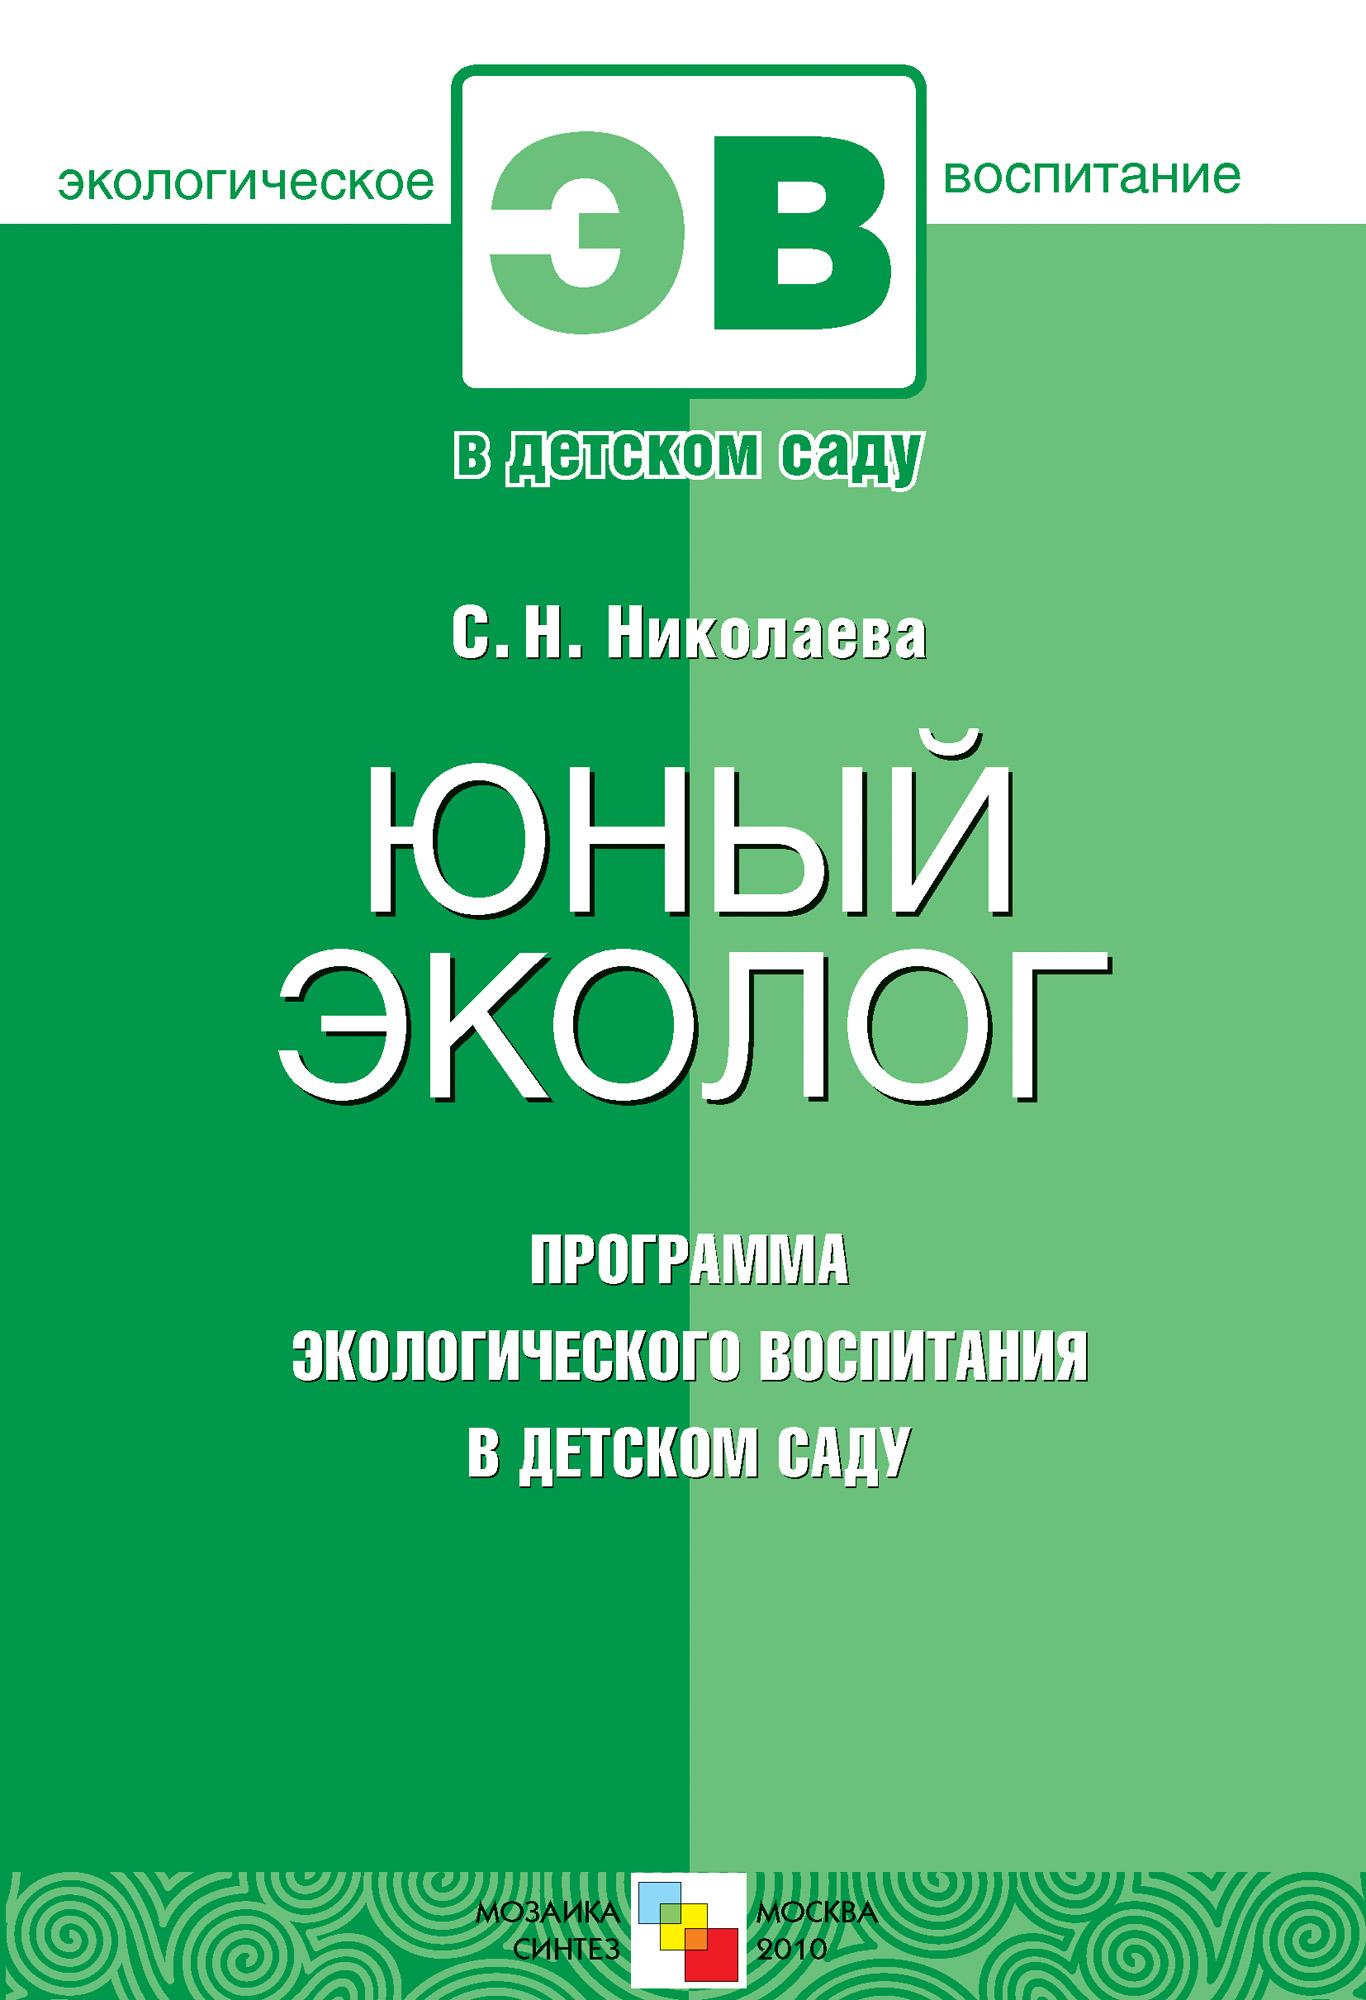 С. Н. Николаева Юный эколог. Программа экологического воспитания в детском саду цена